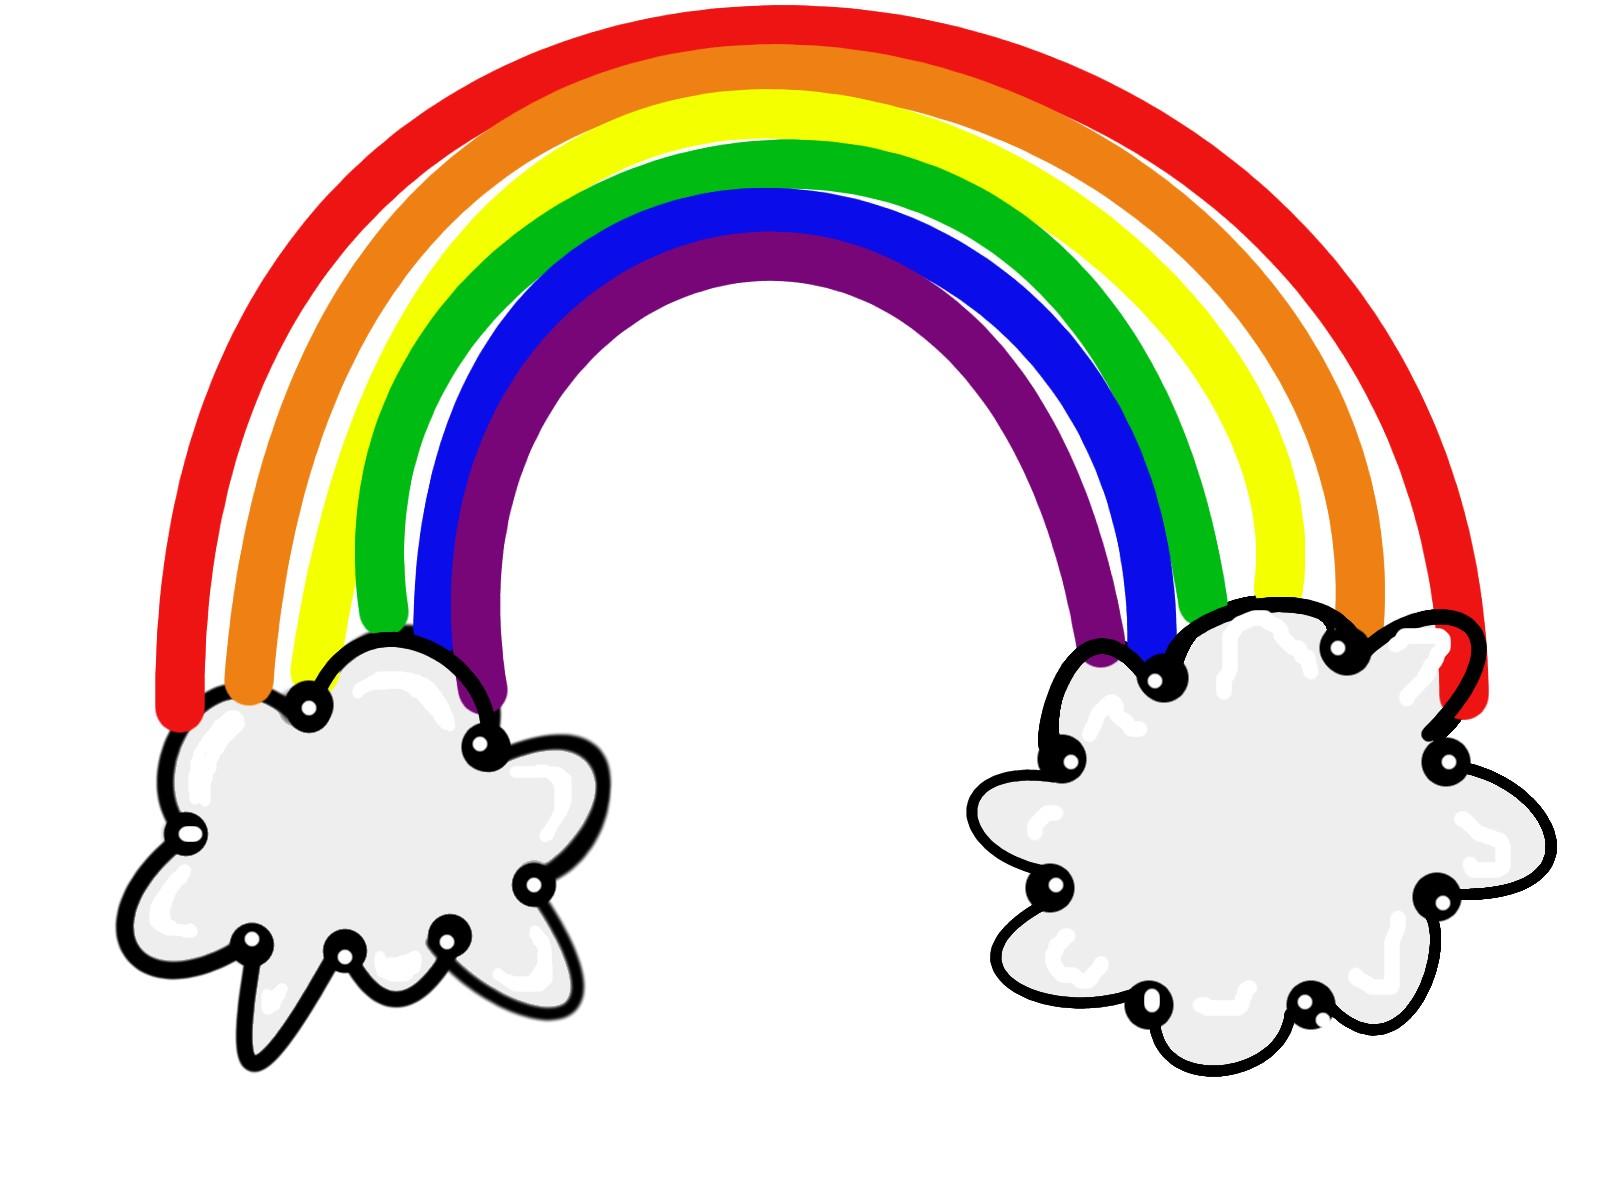 1600x1200 Rainbow Clipart Border